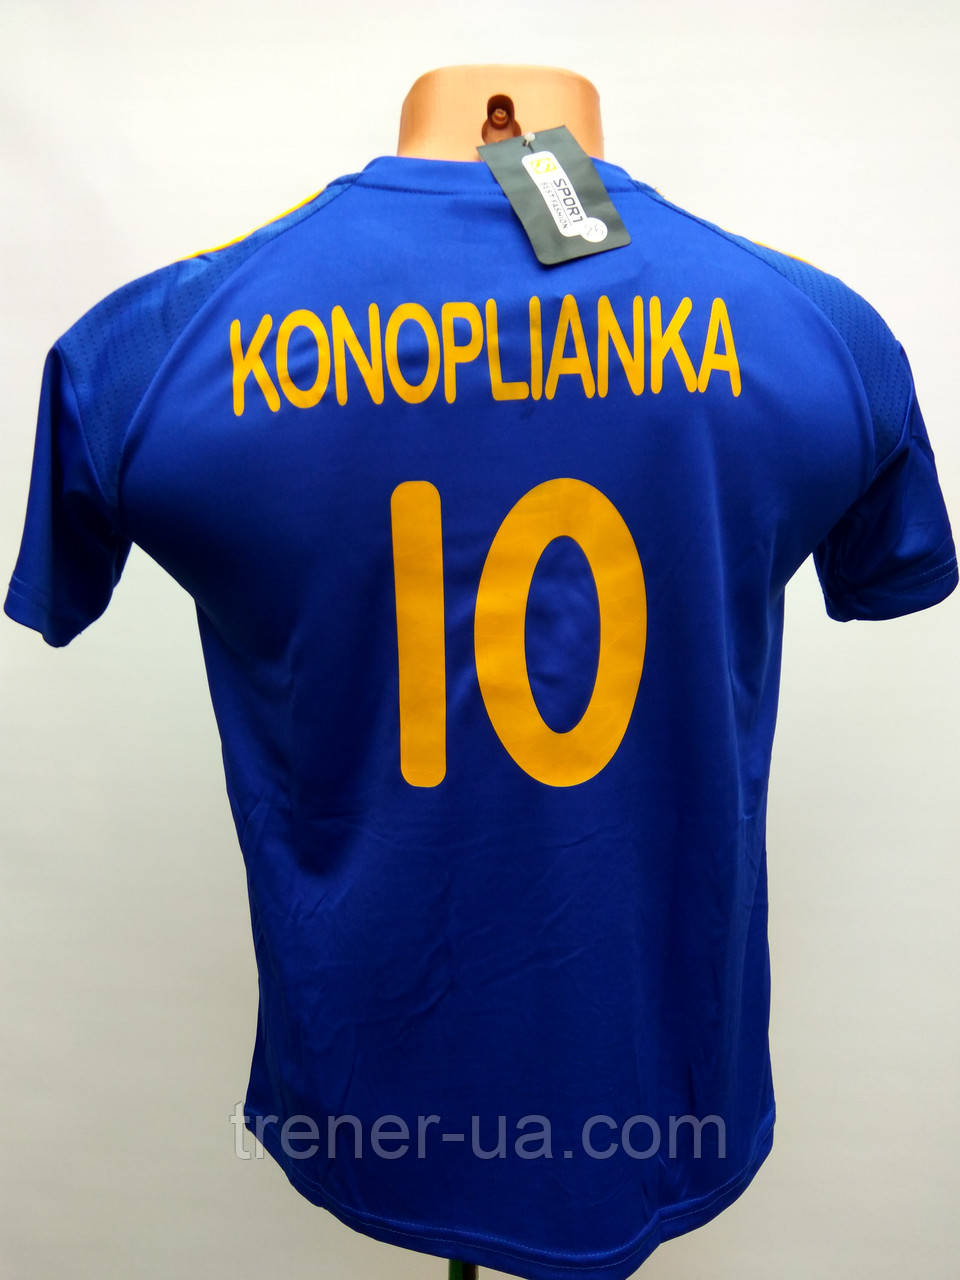 Футбольная форма детская сборная Украины Коноплянка 2016 синяя - Интернет  магазин футбольной атрибутики и аксессуаров в ede2ff7e2be